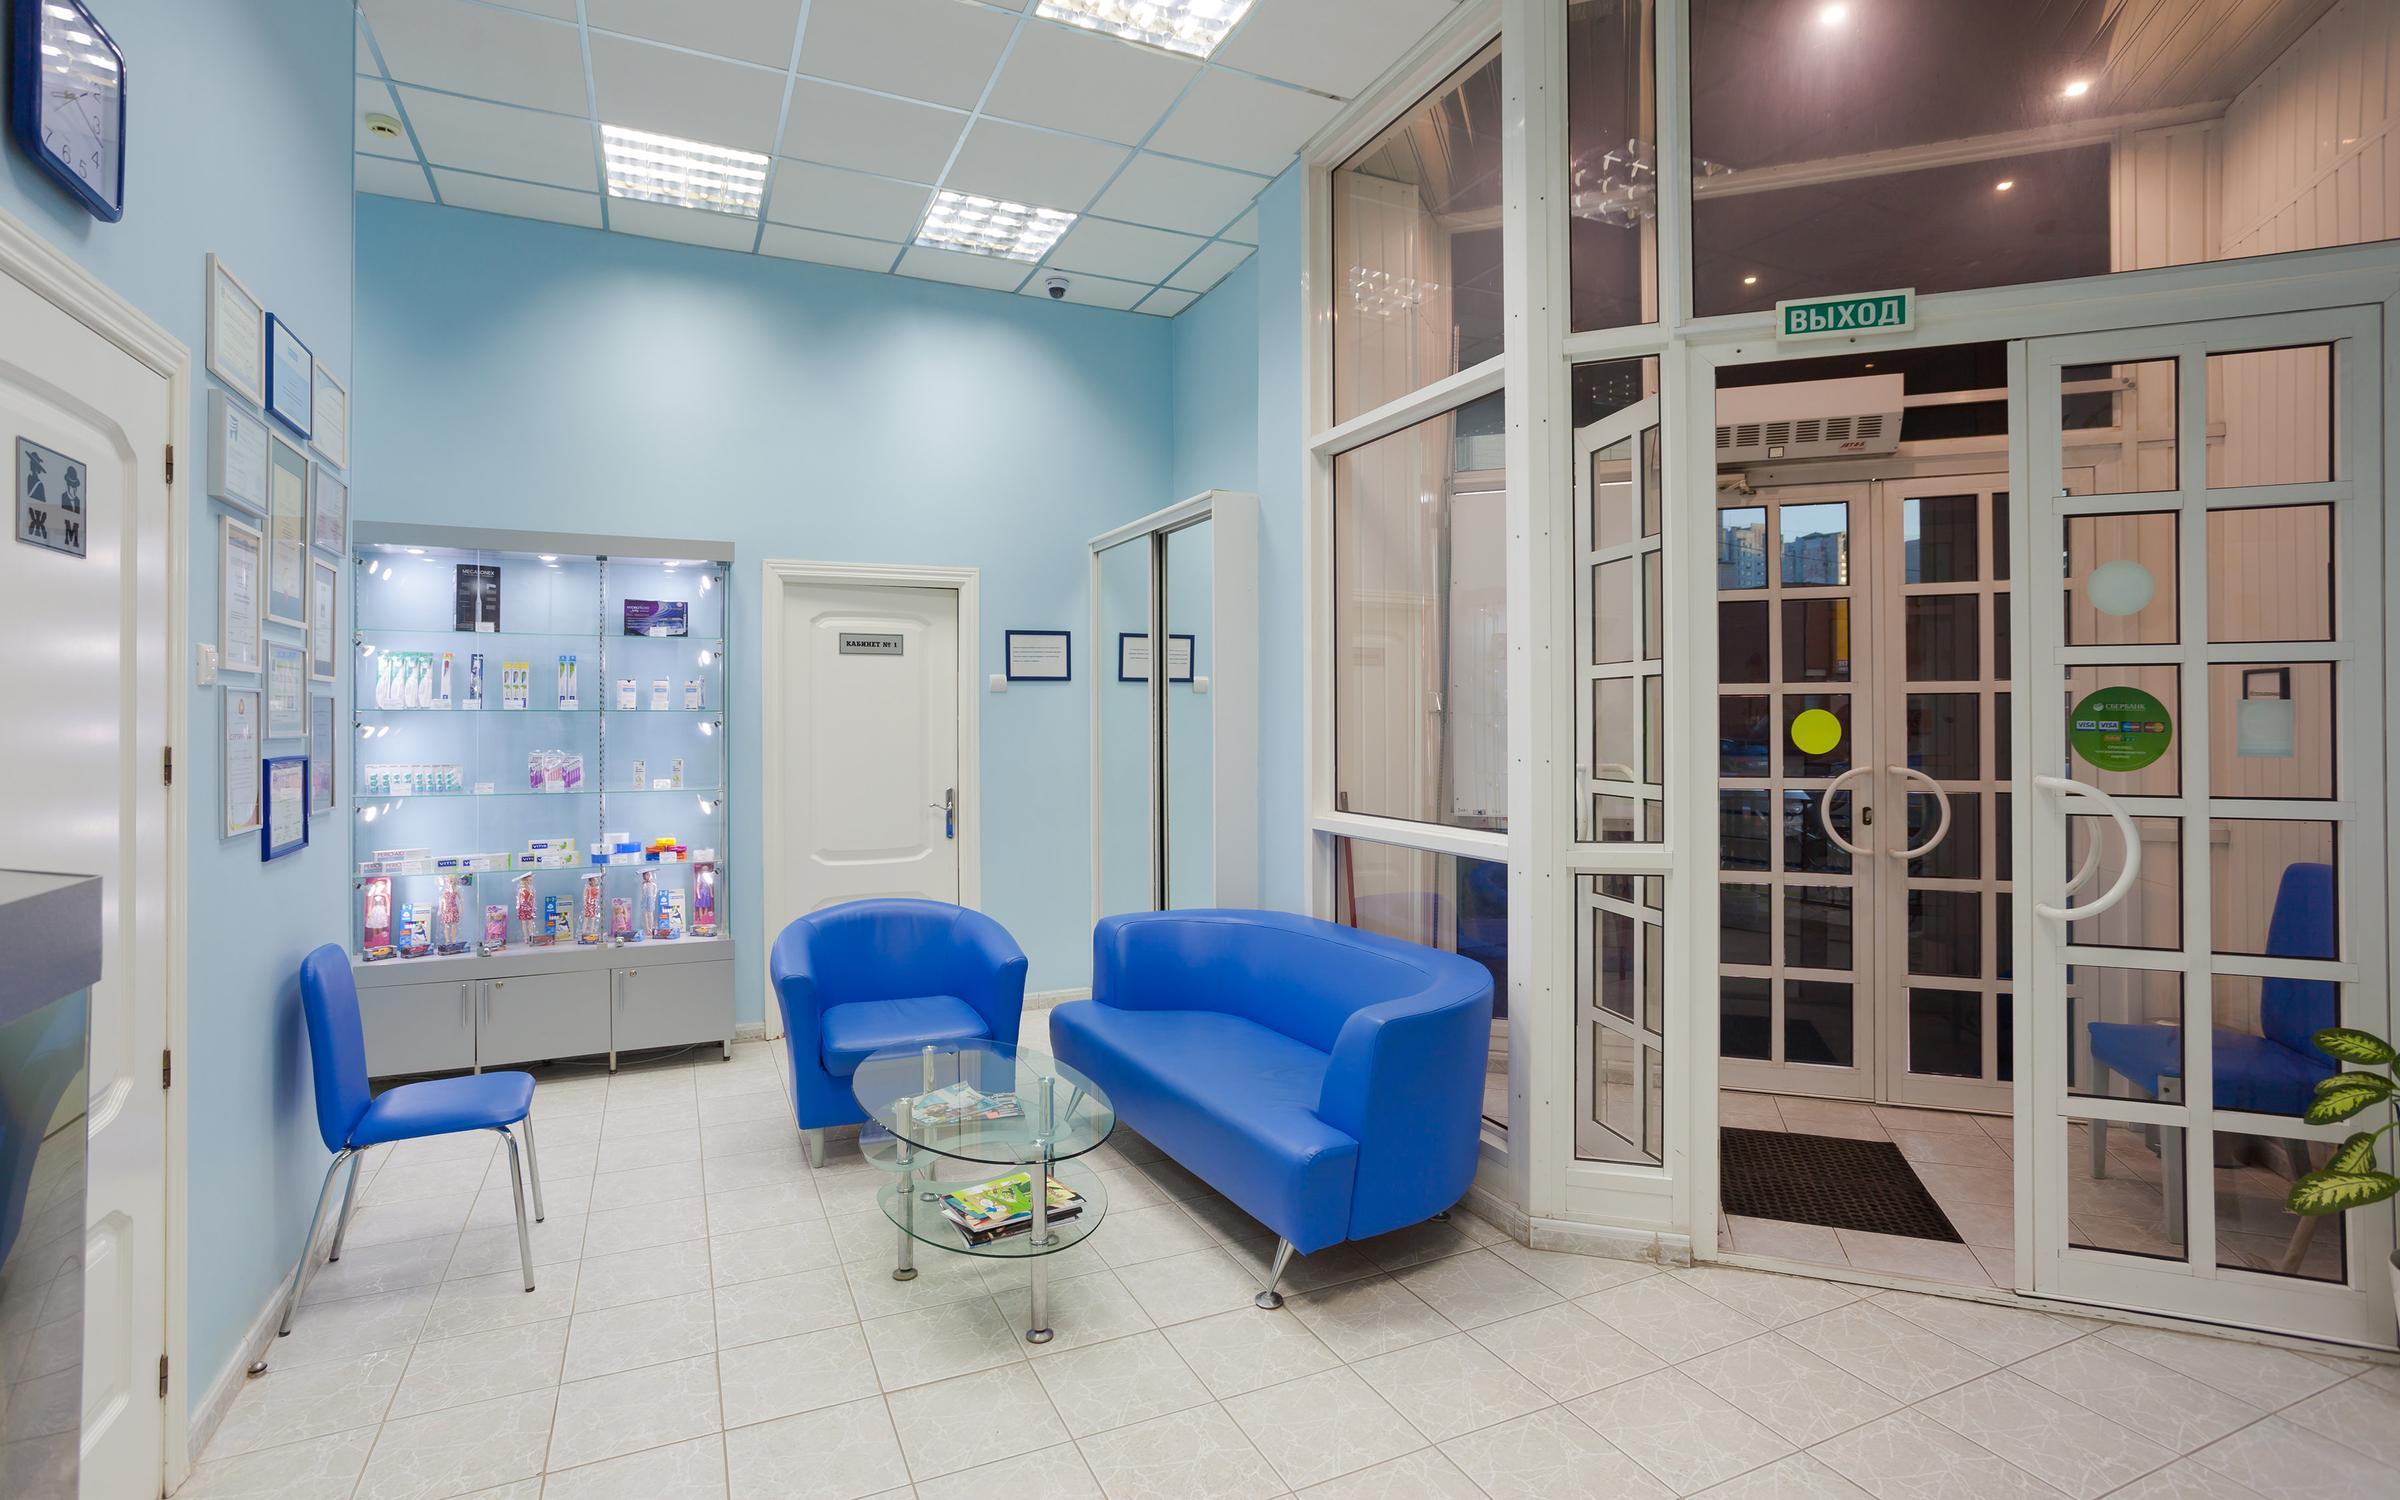 фотография Стоматологической клиники Визиодент на Братиславской улице